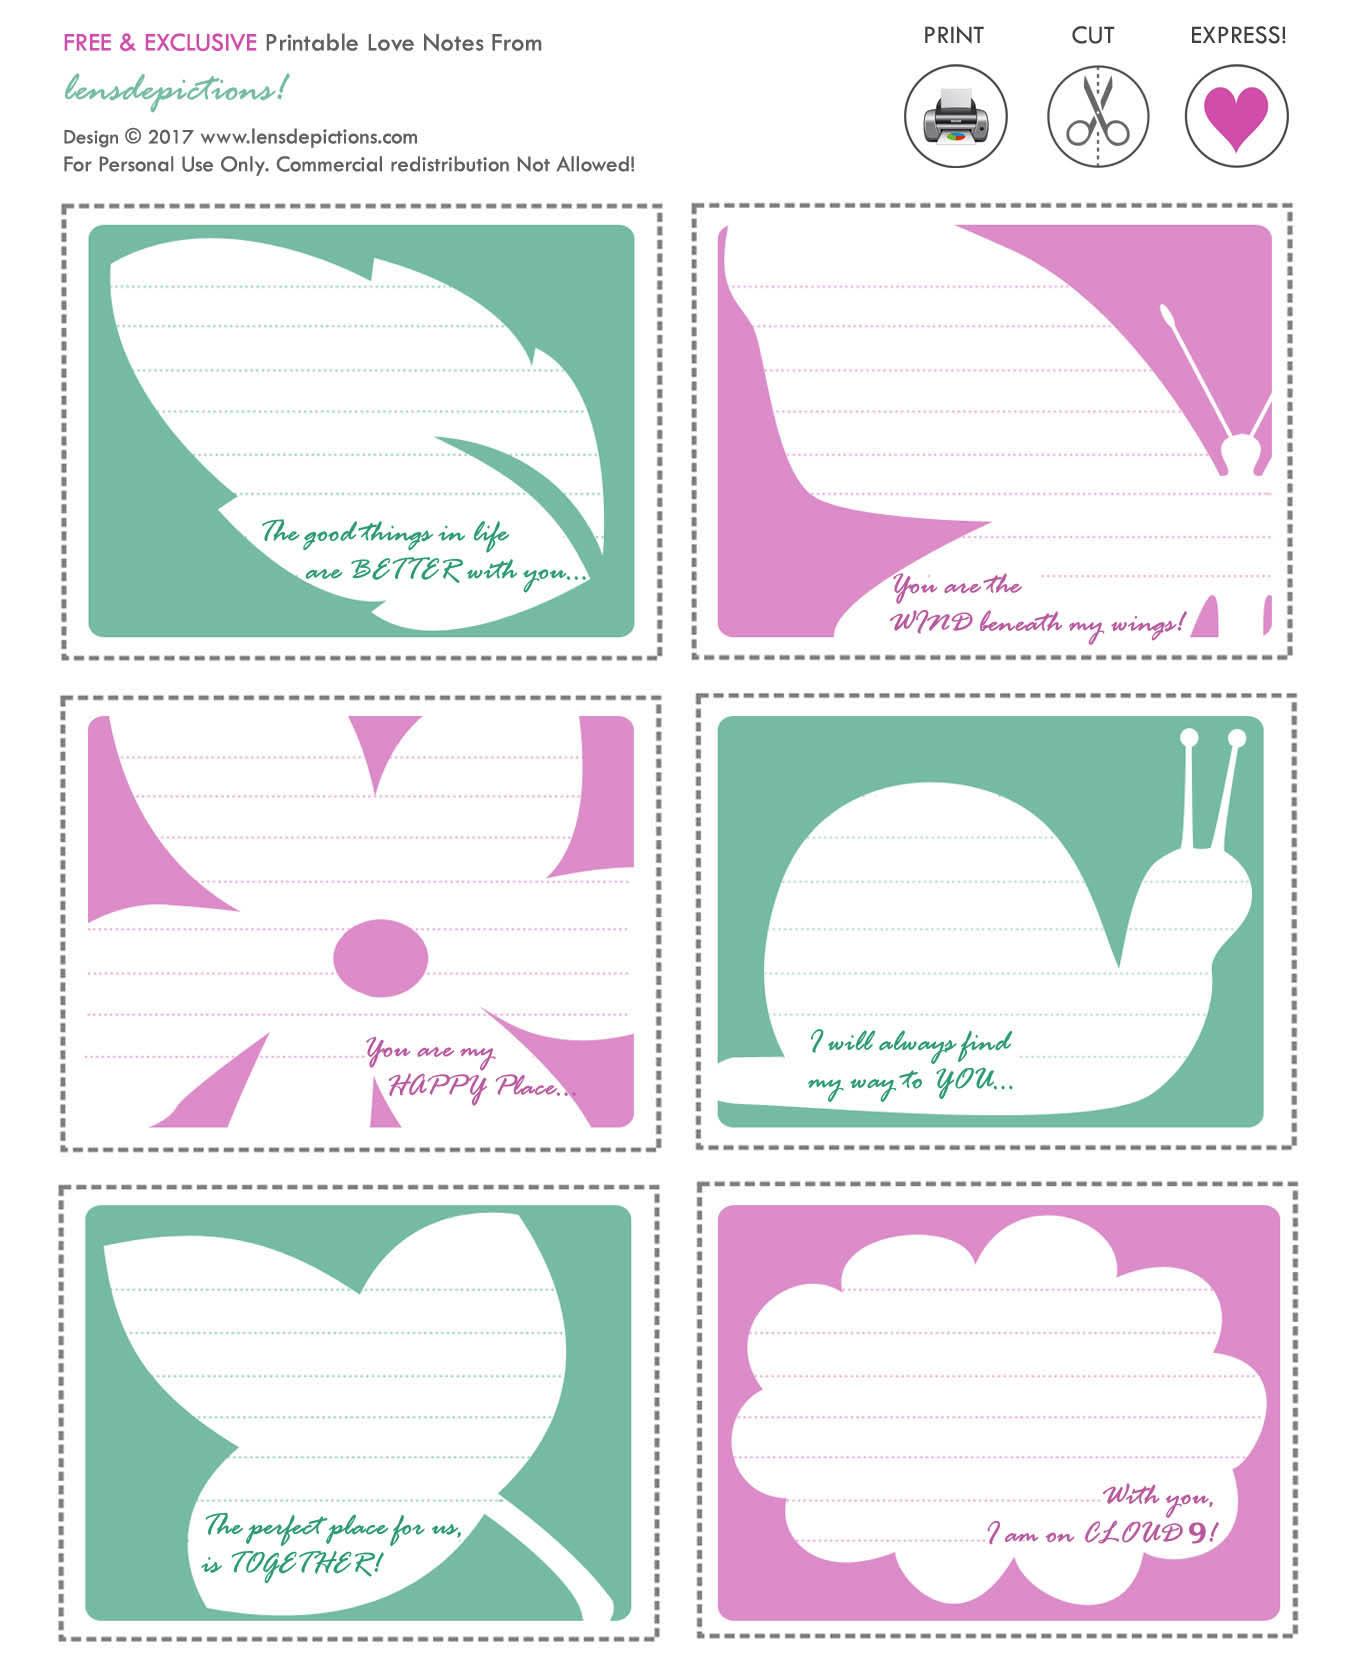 lovenotes_lensdepictions_jpg